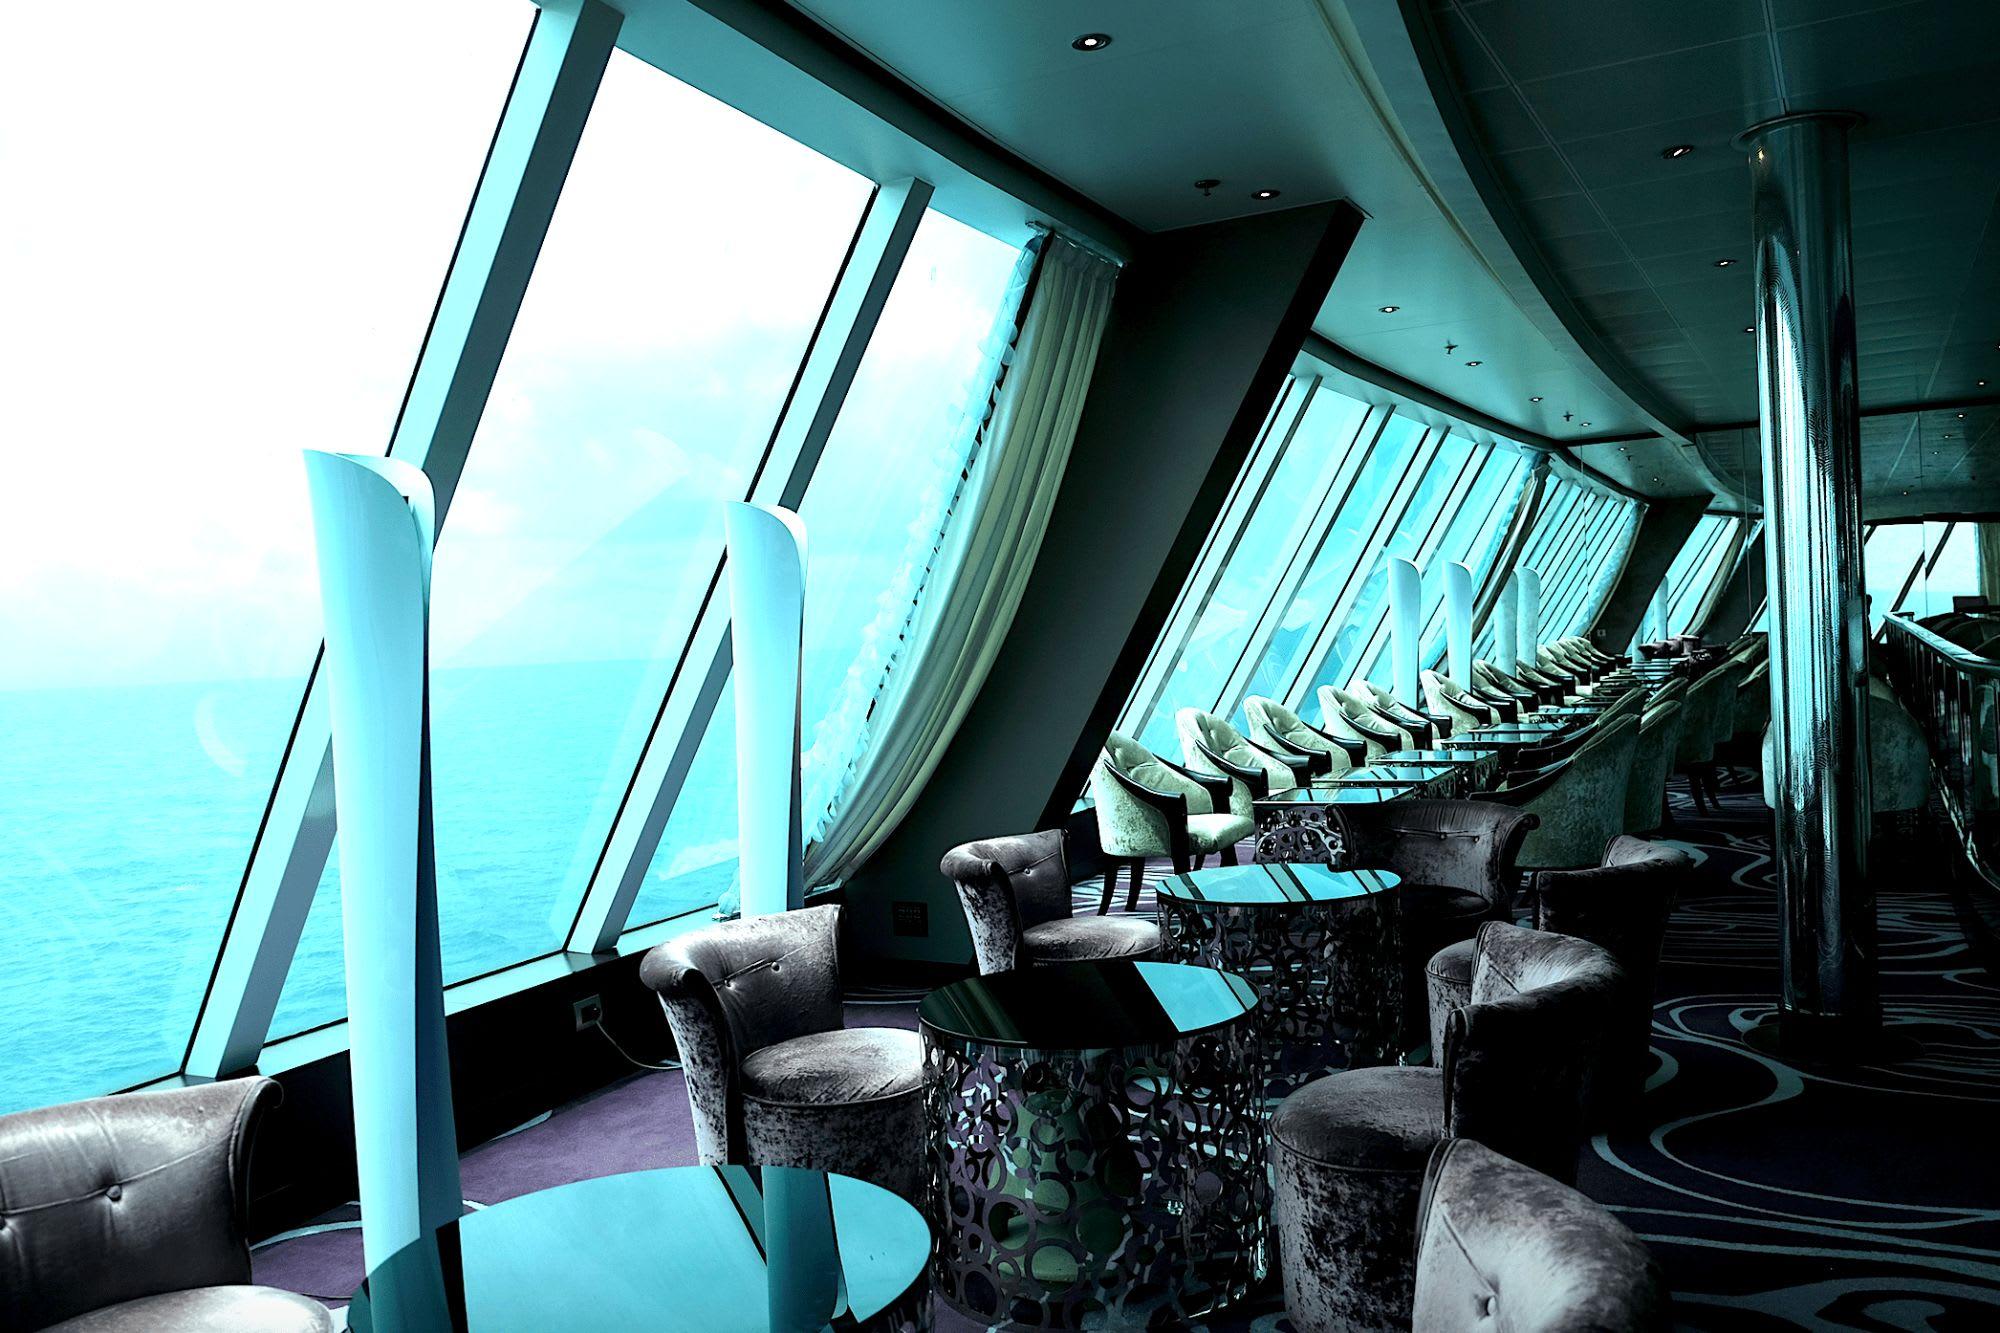 船尾に面した大きなガラス窓は海の動物をウォッチできる特等席かも